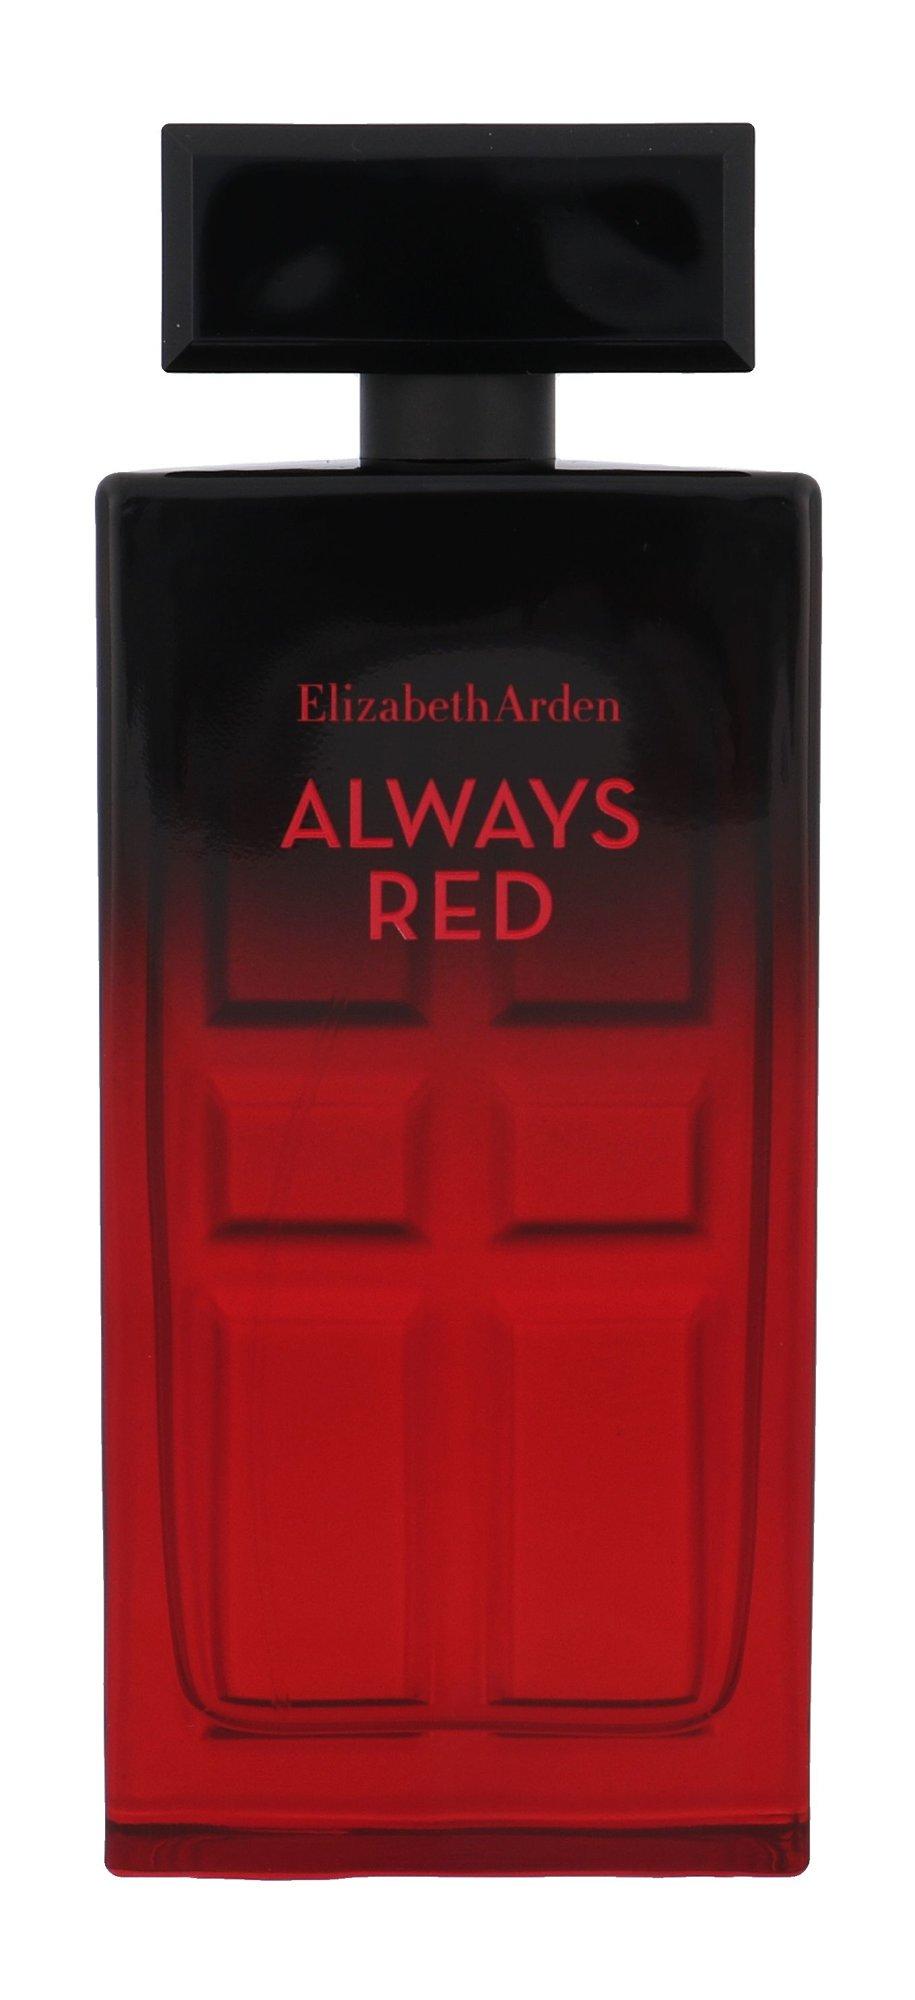 Elizabeth Arden Always Red Eau de Toilette 100ml